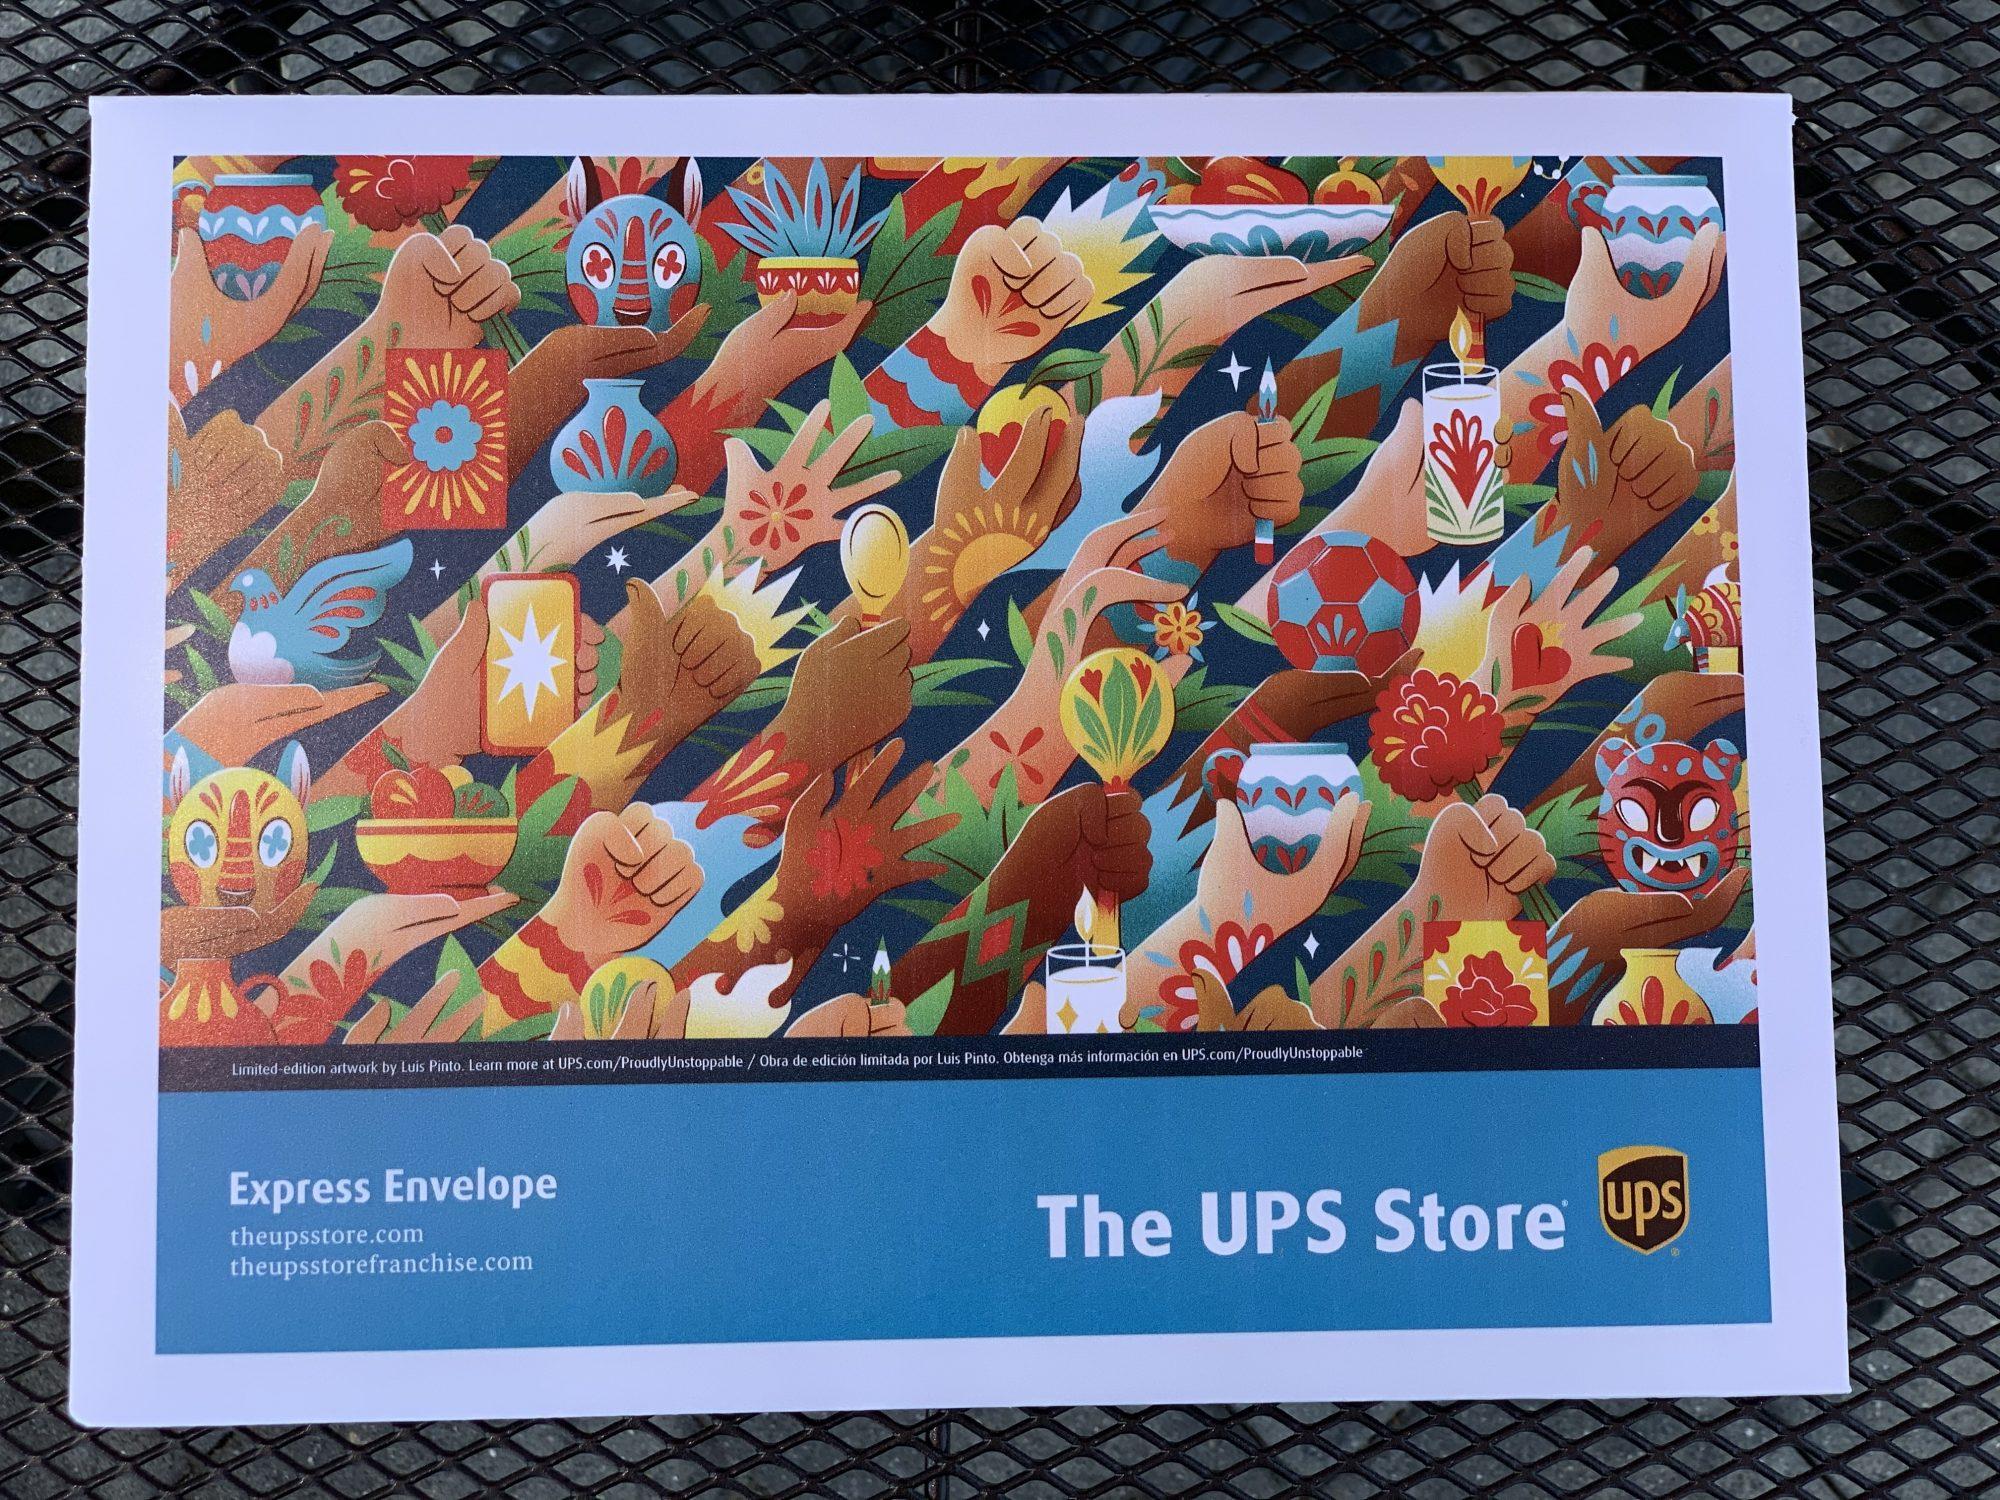 cajas de UPS para ayudar a pequeños empresarios